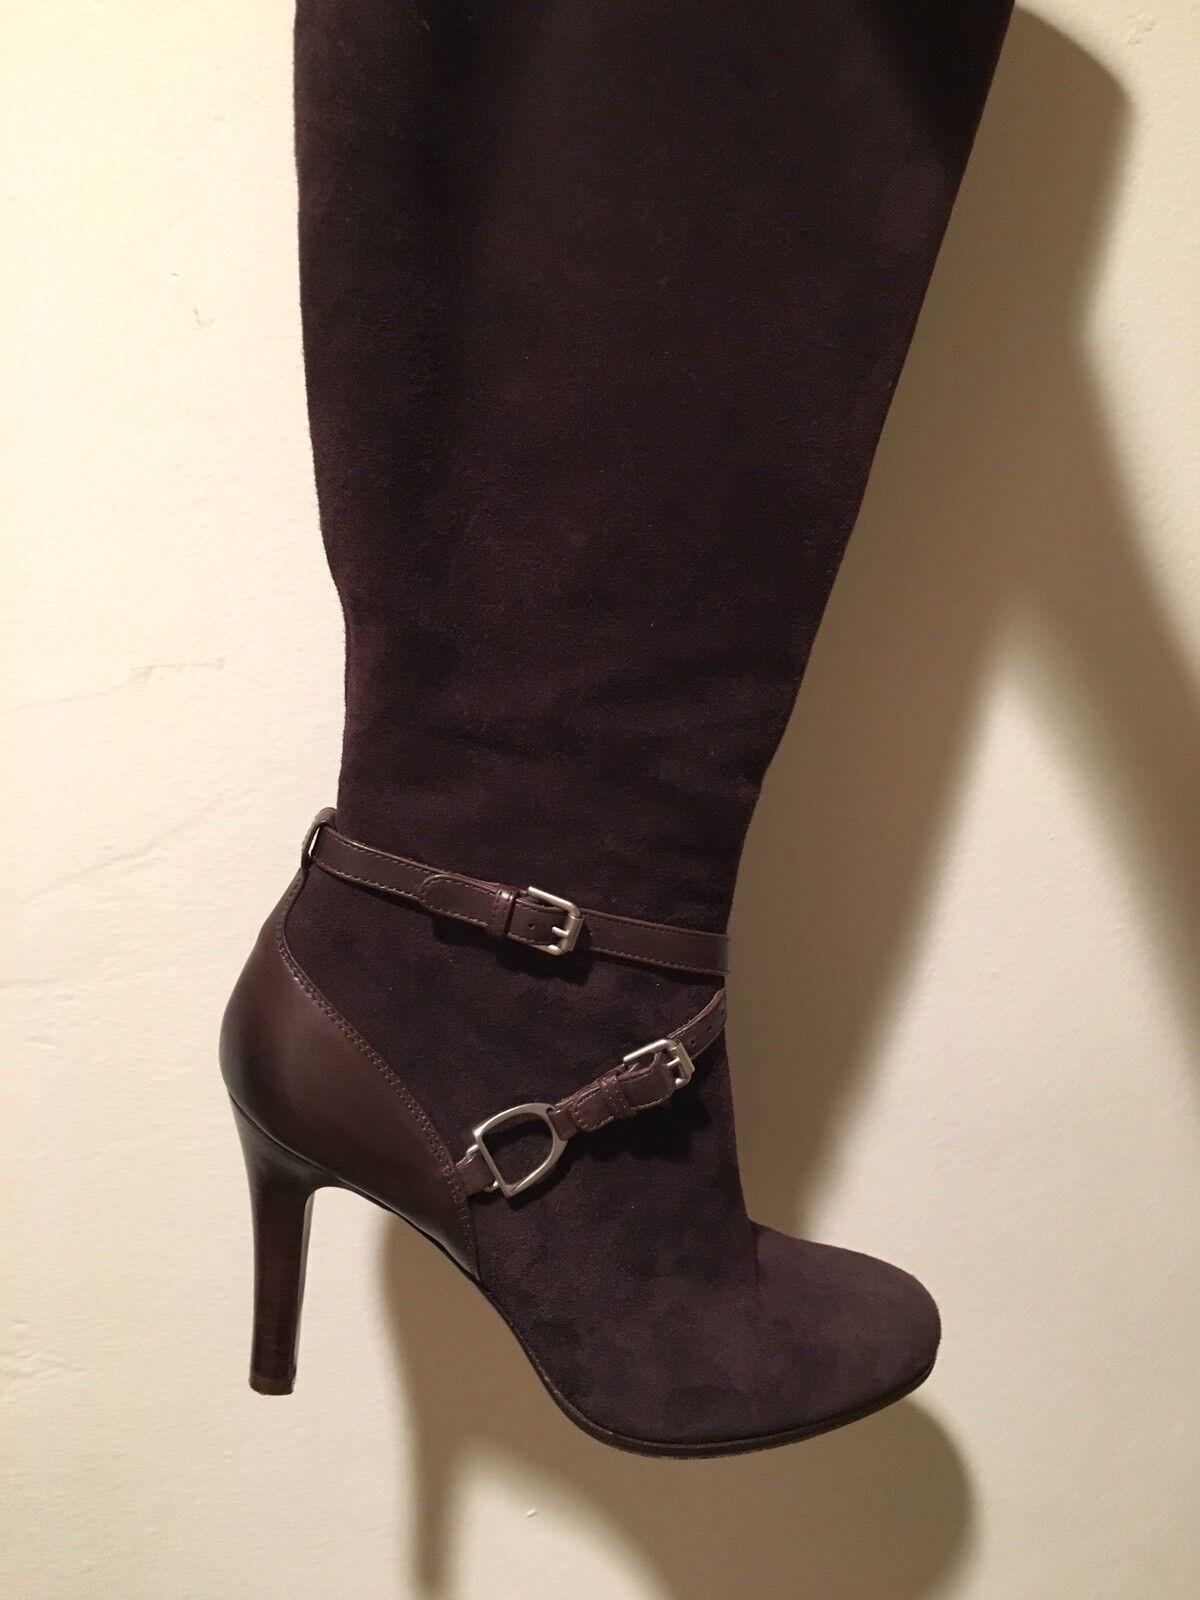 Ralph Lauren Collection braun Suede Stiefel Größe 8  Made in taly Originally  895